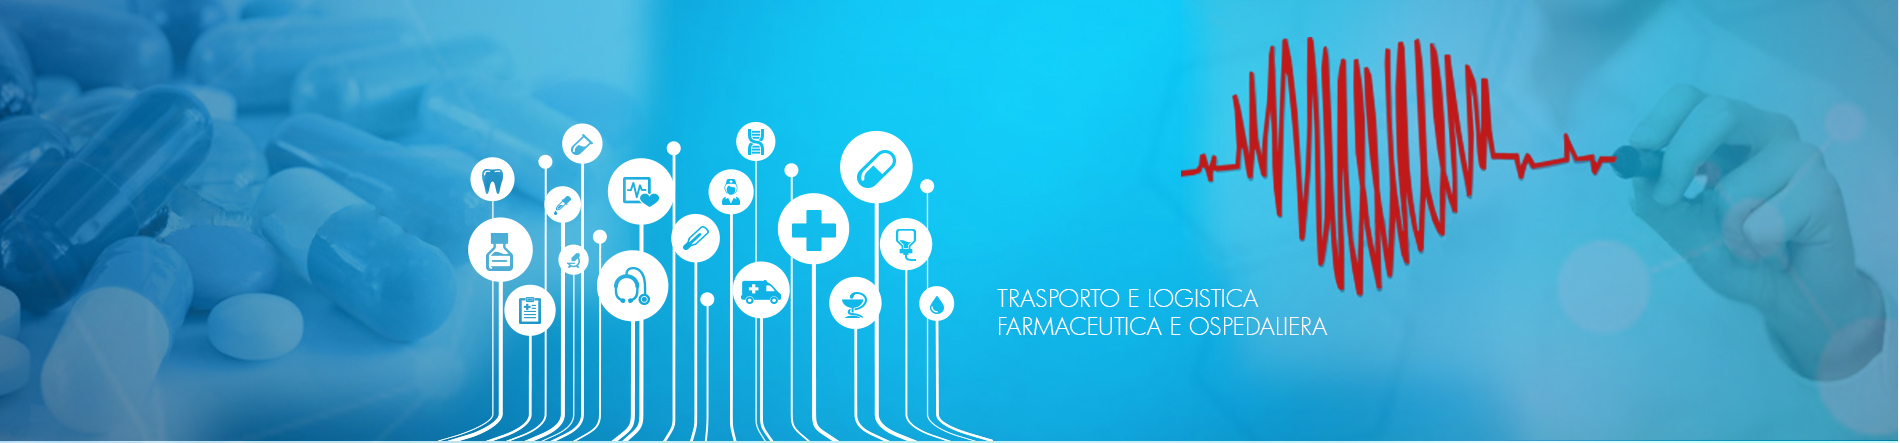 Trasporto di dispositivi medici - Trasporto di reagenti chimici